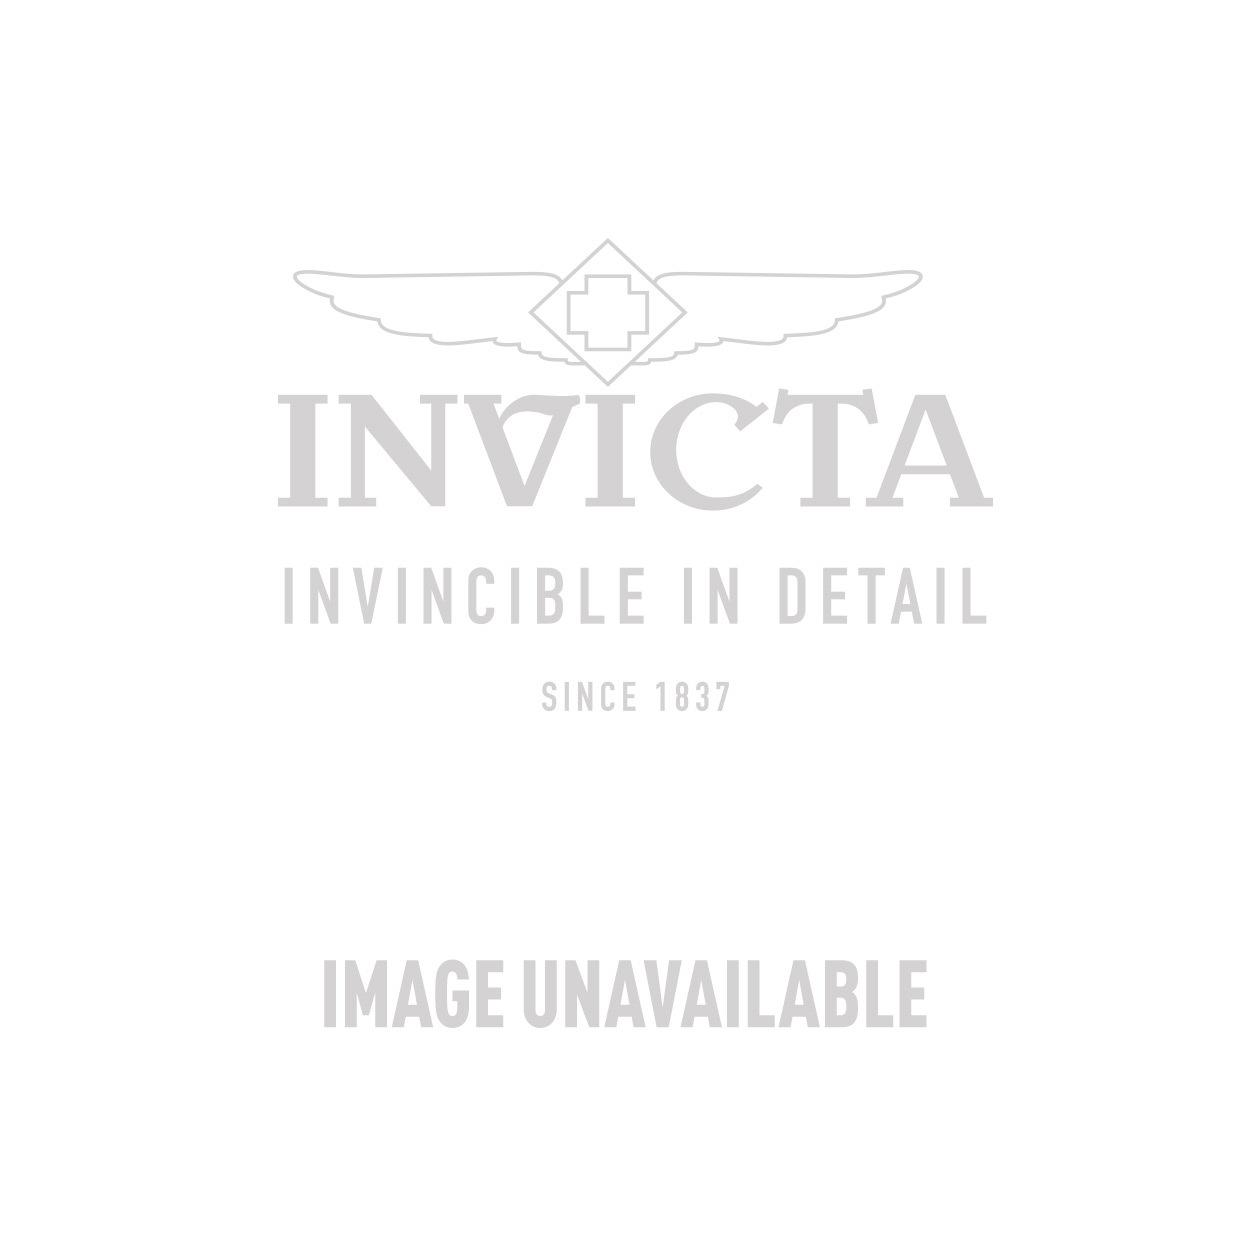 Invicta Model 28202